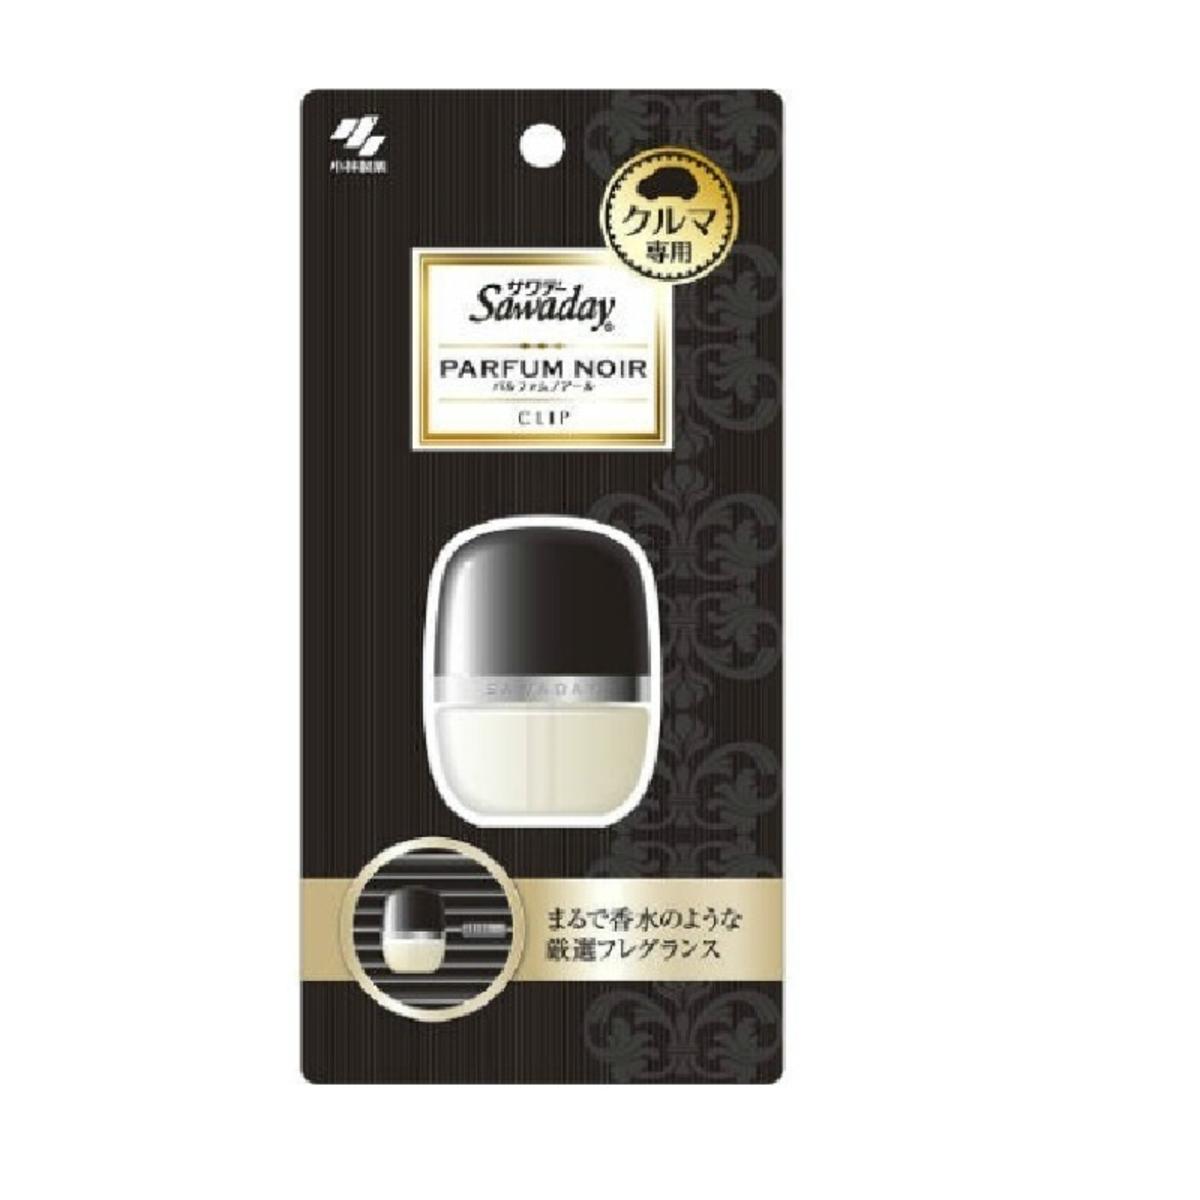 小林製薬 Sawaday 車用夾式香水  #黑色  6ml